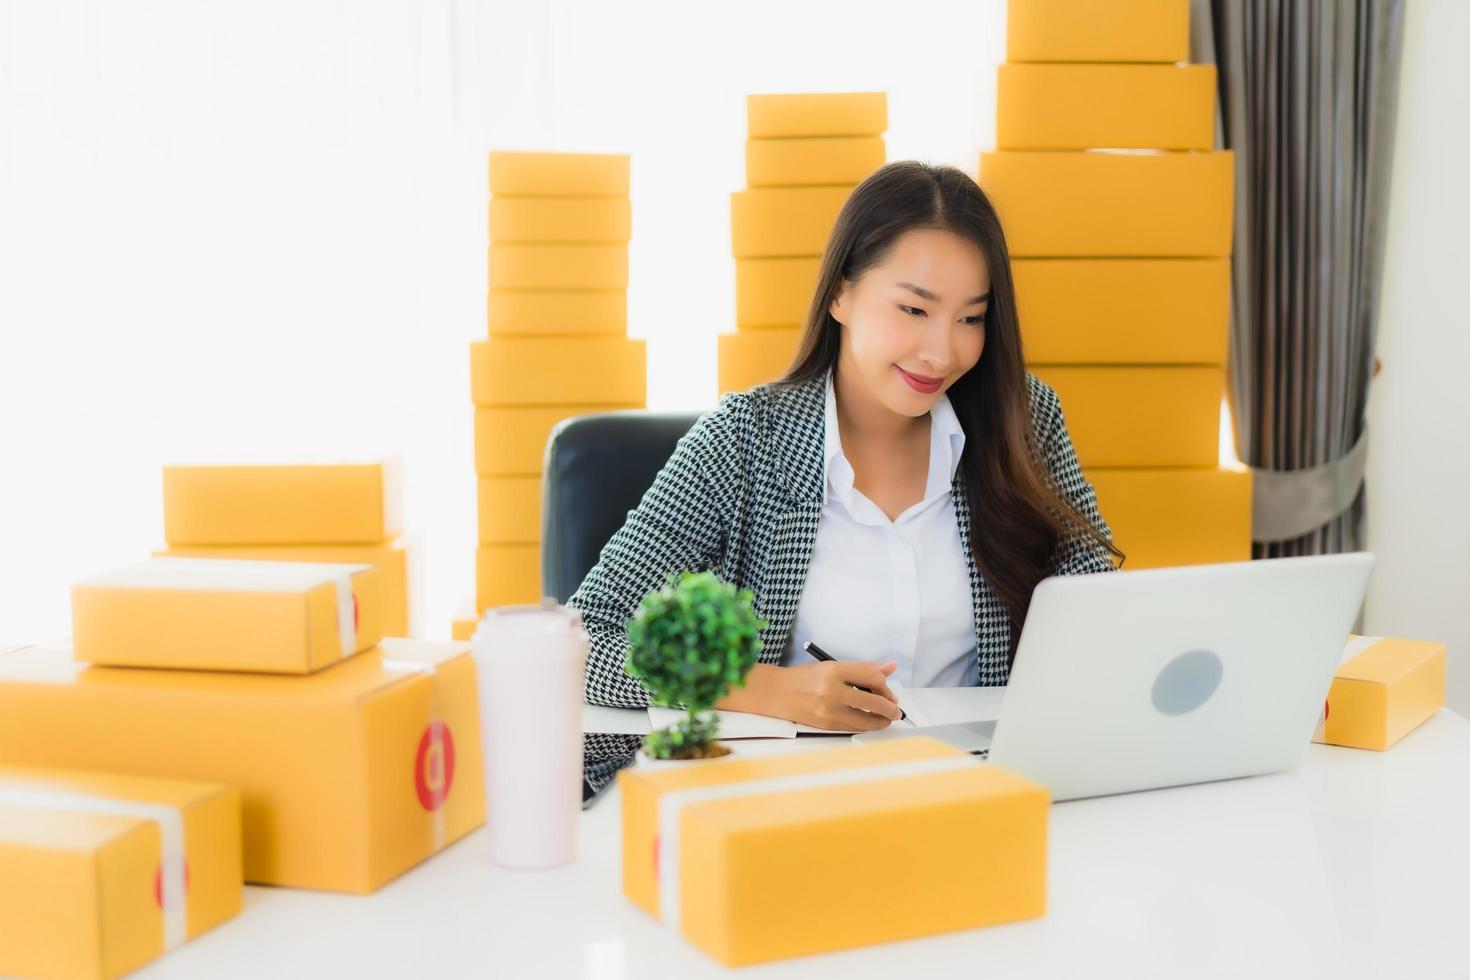 femme travaillant sur ordinateur portable avec des paquets autour d'elle photo